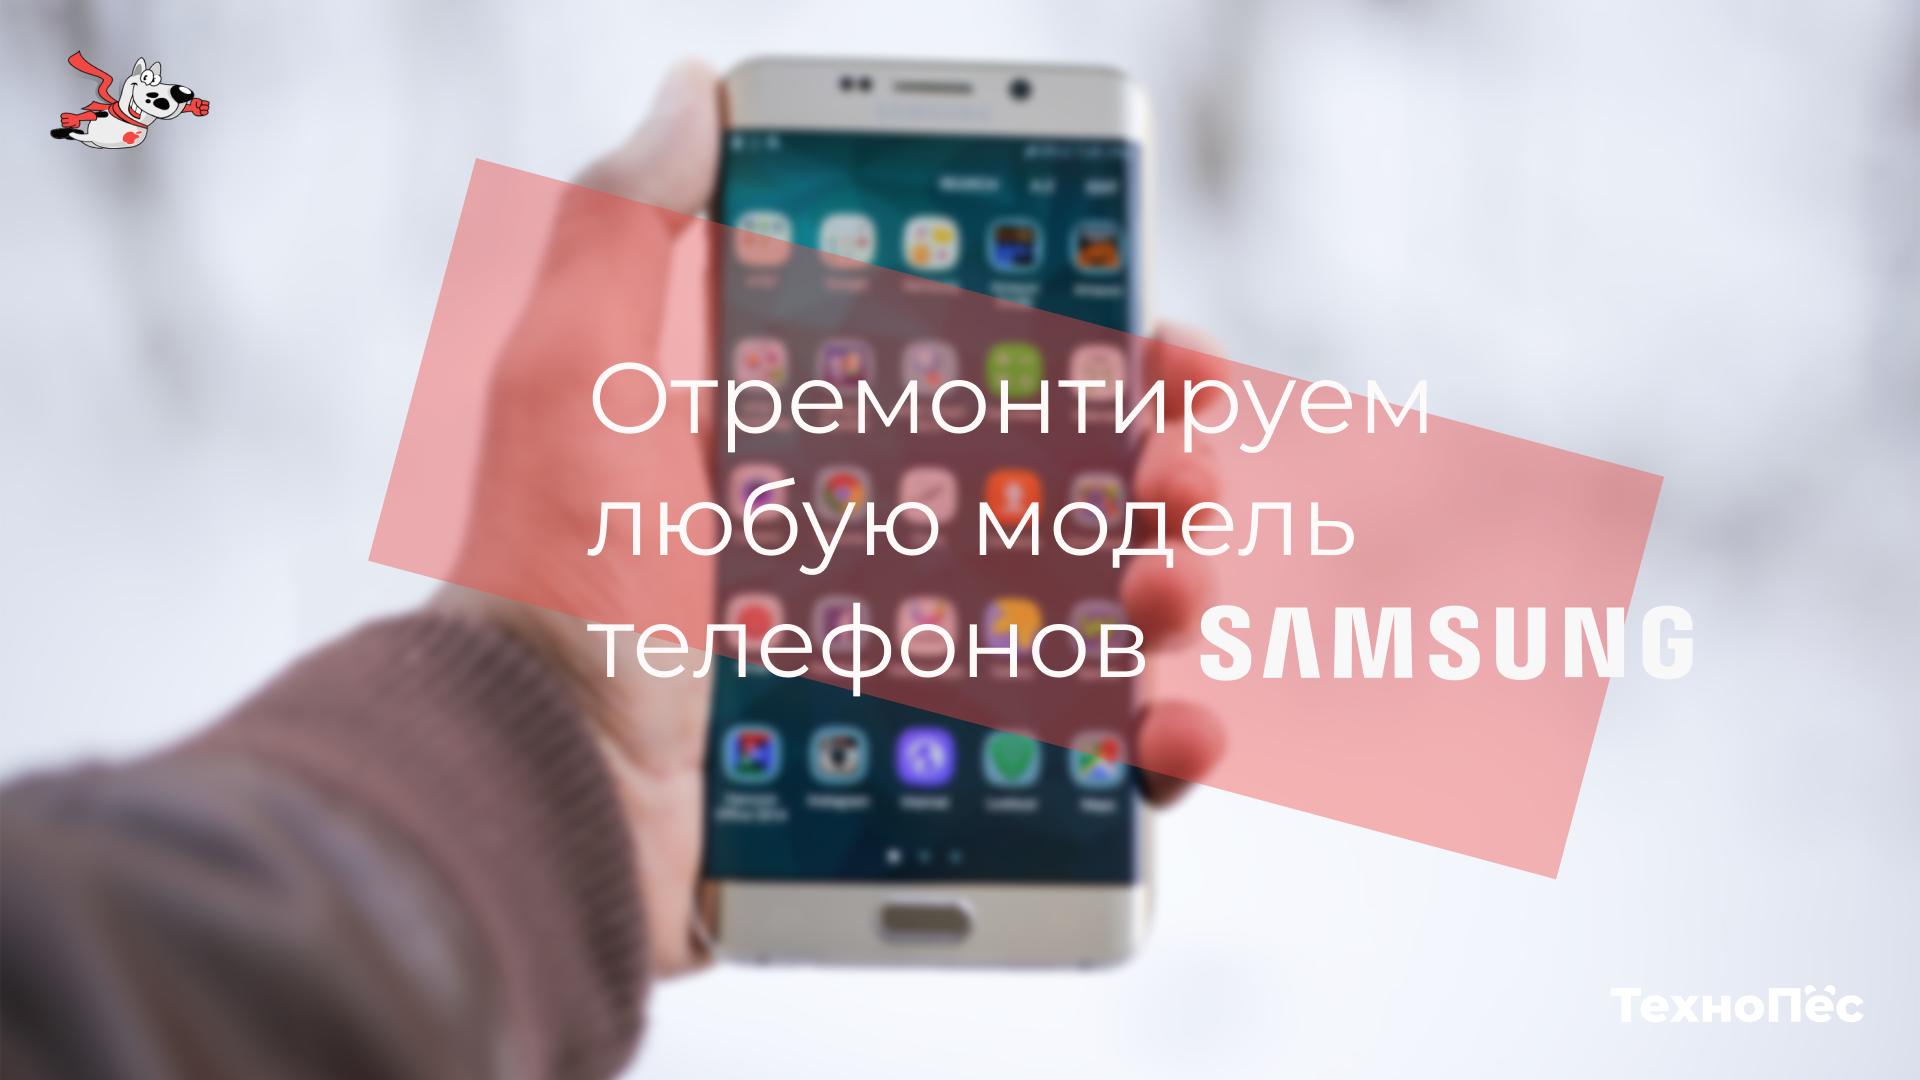 Ремонт телефонов Samsung в Москве